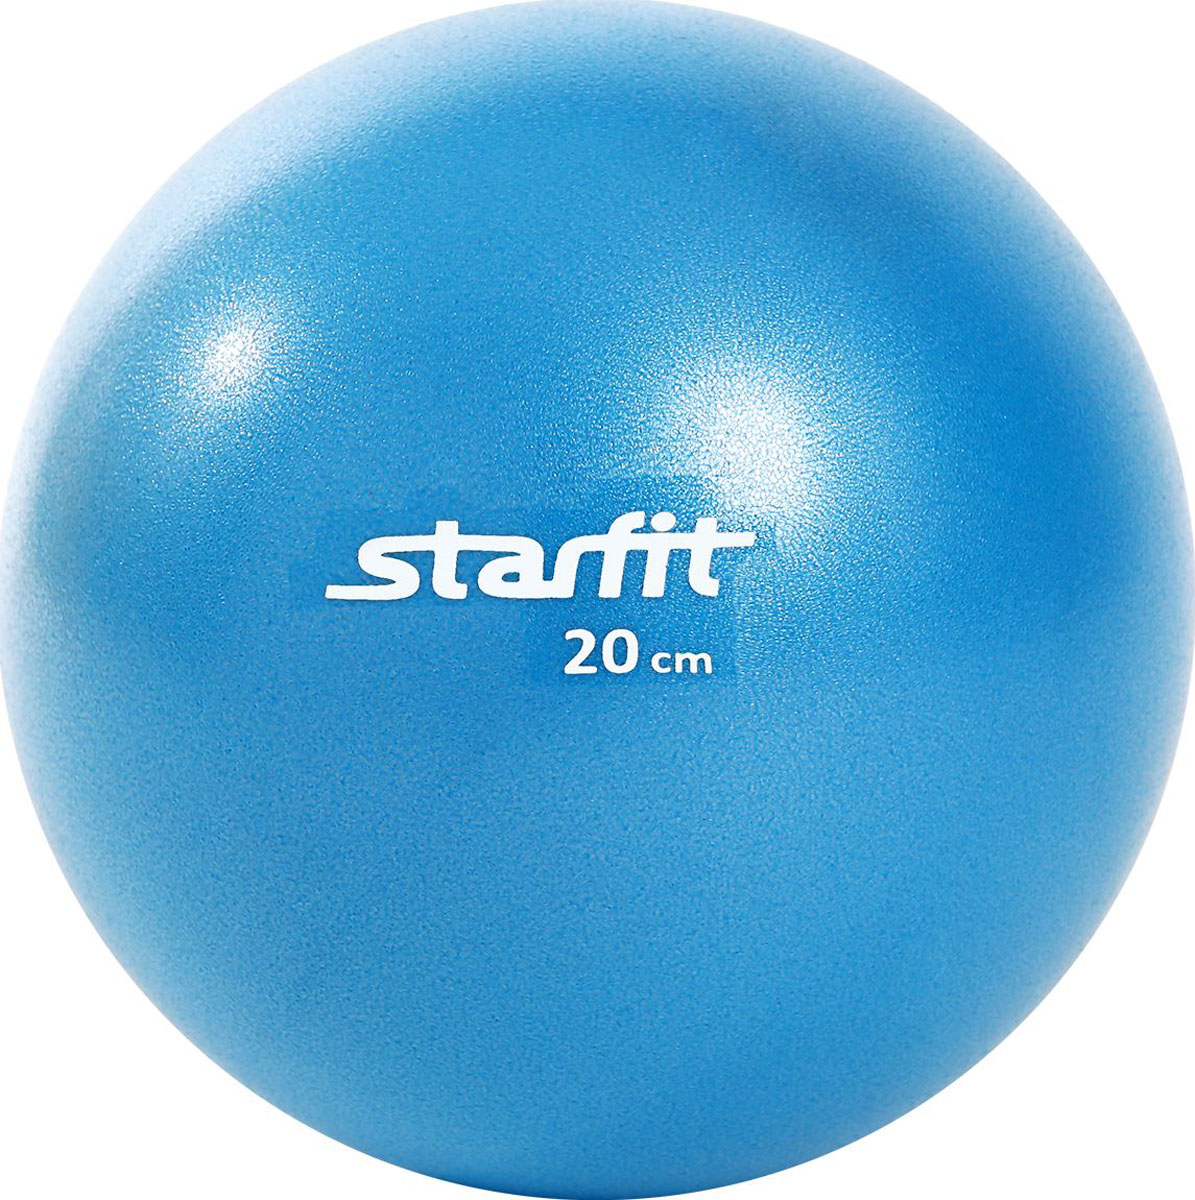 Мяч для пилатеса Starfit GB-901, цвет: синий, диаметр 20 смУТ-00009007Гимнастический мяч Star Fit является универсальным тренажером для всех групп мышц, помогает развить гибкость, исправить осанку, снимает чувство усталости в спине. Предназначен для гимнастических и медицинских целей в лечебных упражнениях. Прекрасно подходит для использования в домашних условиях.Данный мяч можно использовать для реабилитации после травм и операций, восстановления после перенесенного инсульта, стимуляции и релаксации мышечных тканей, улучшения кровообращения, лечении и профилактики сколиоза, при заболеваниях или повреждениях опорно-двигательного аппарата.Йога: все, что нужно начинающим и опытным практикам. Статья OZON Гид